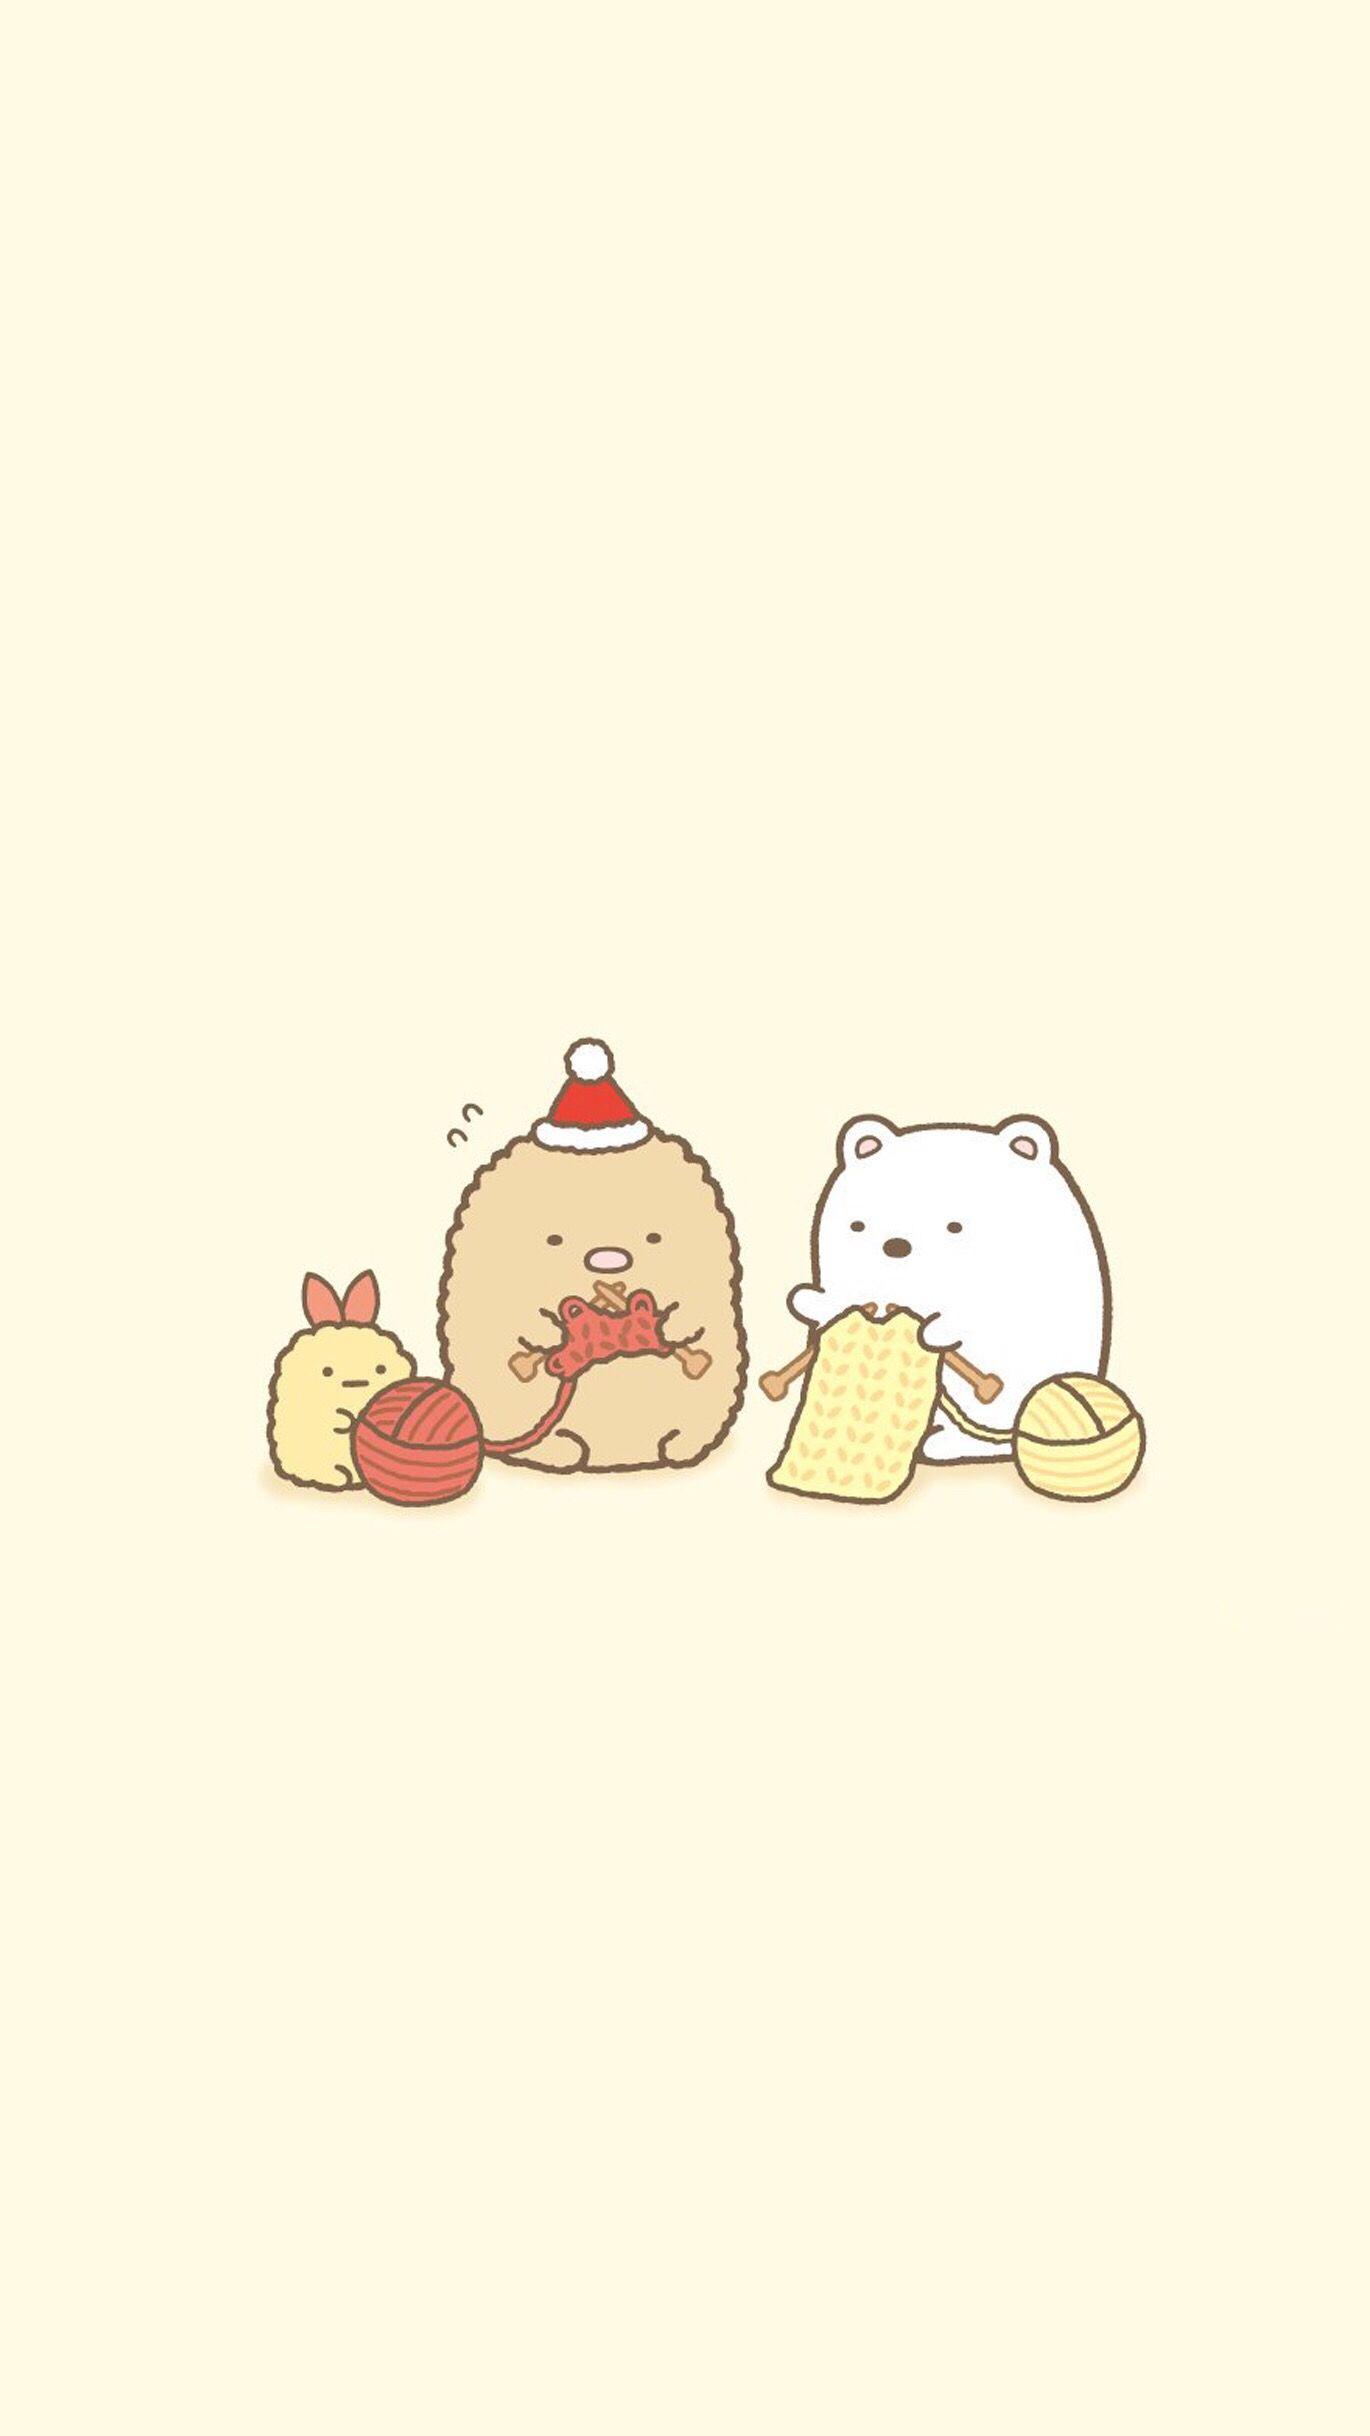 Pin By Hana Jraa On Cute Small Things Cute Cartoon Wallpapers Cute Christmas Wallpaper Cartoon Wallpaper